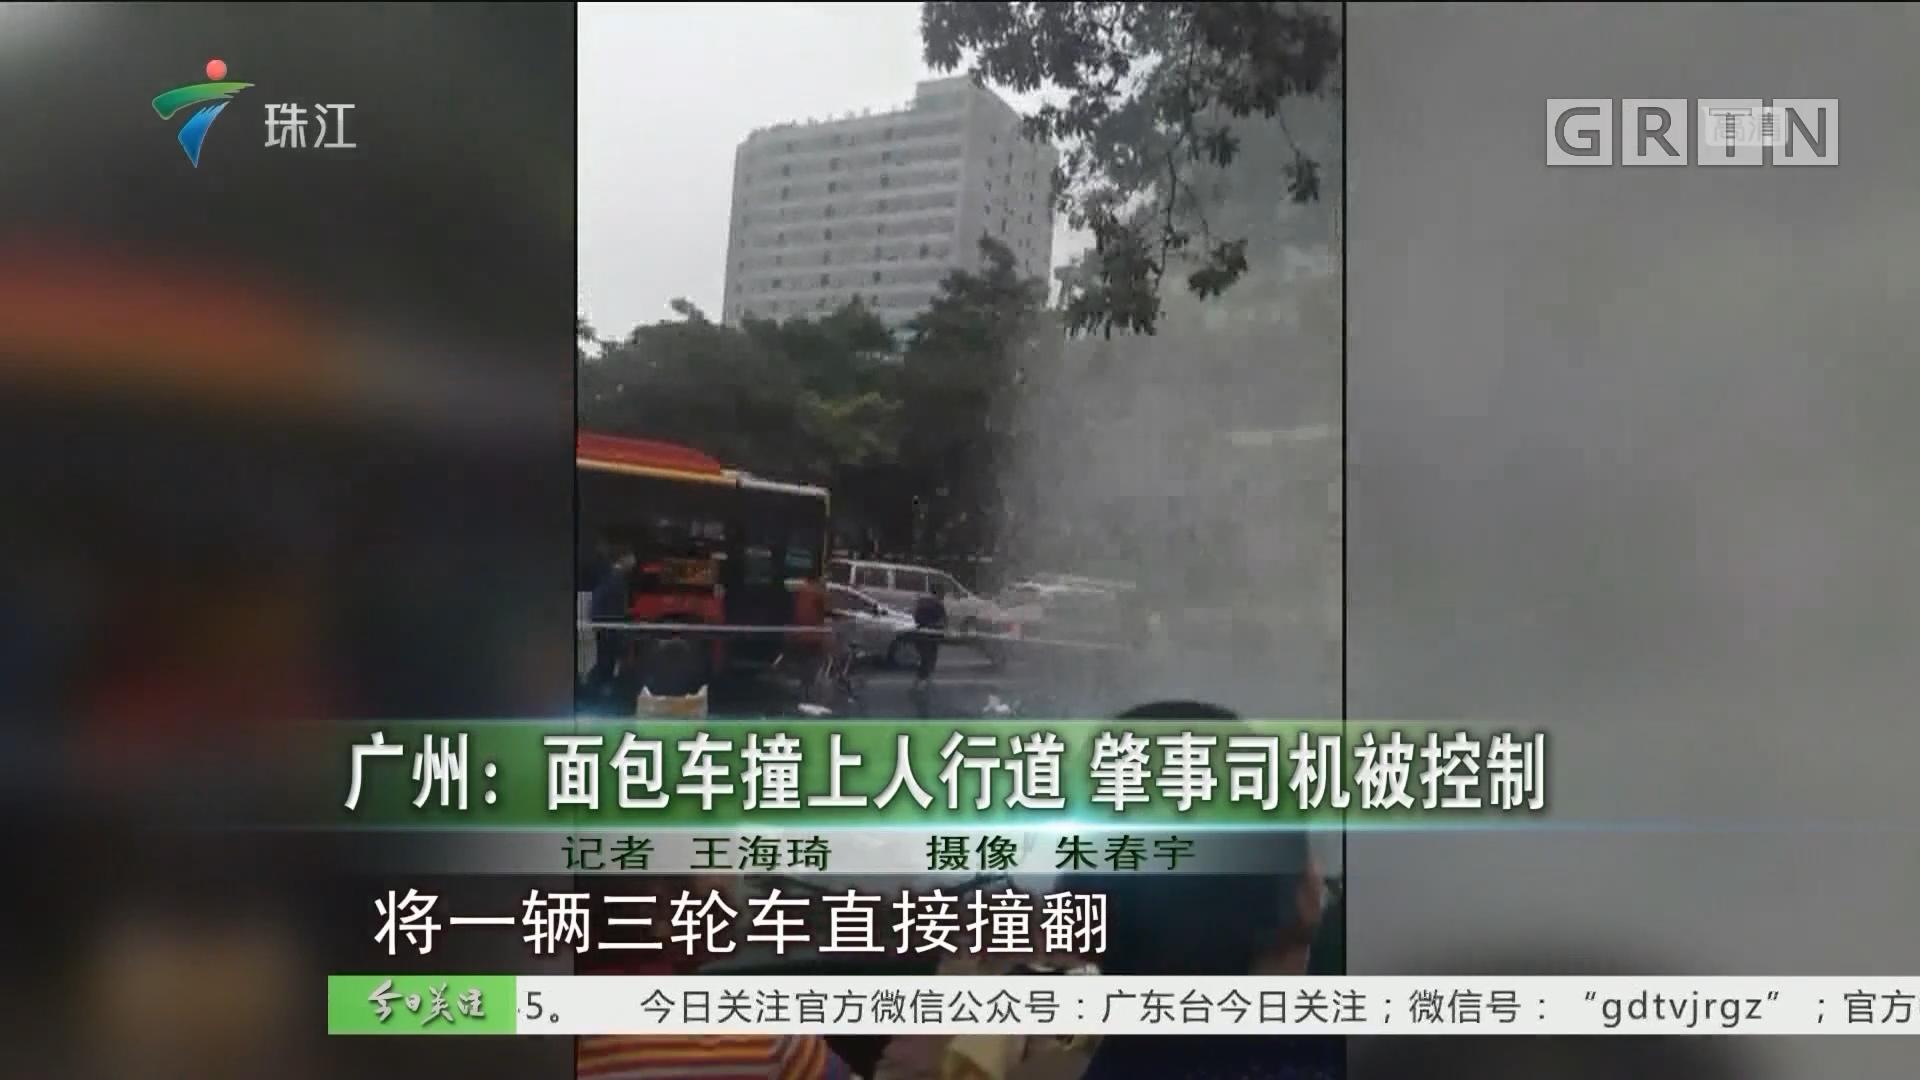 广州:面包车撞上人行道 肇事司机被控制